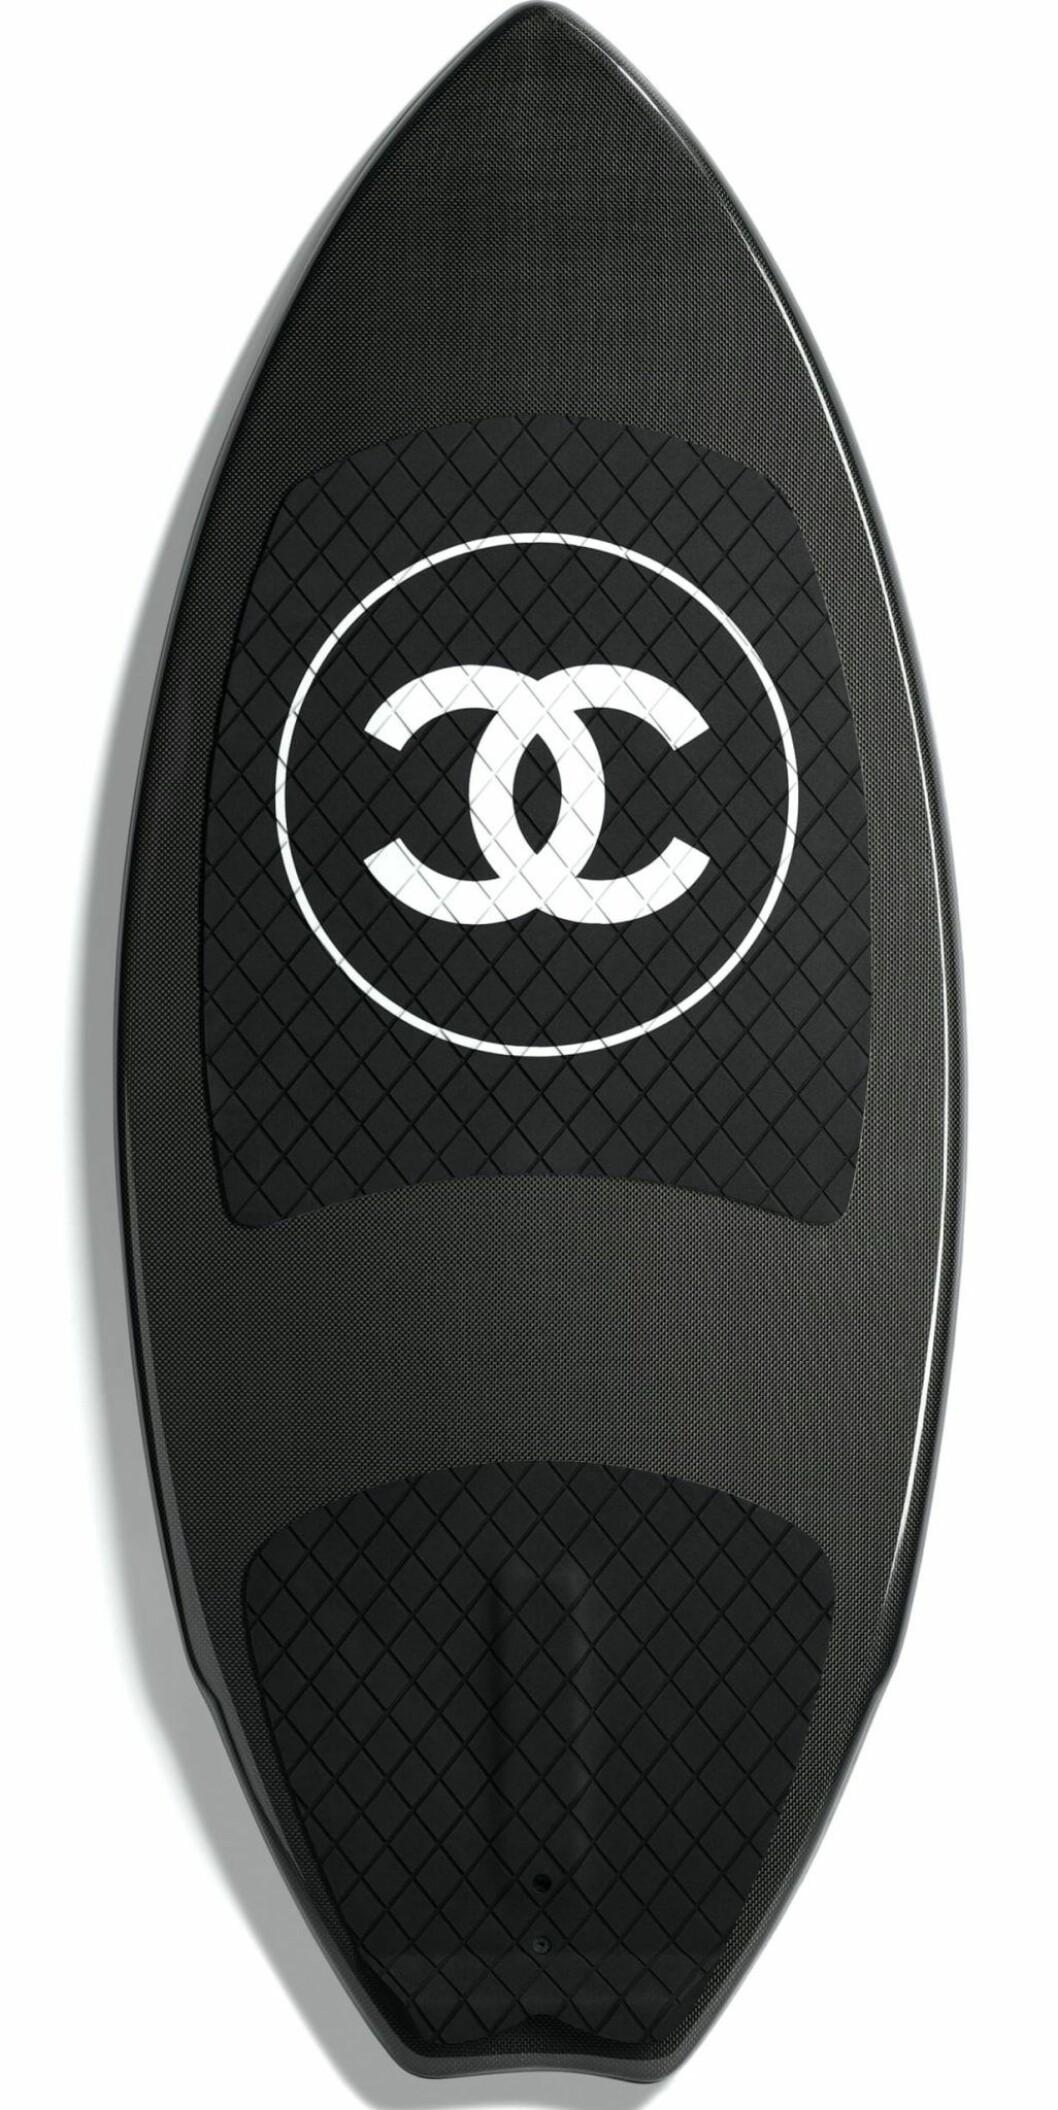 Exklusiv surfbräda från Chanel.